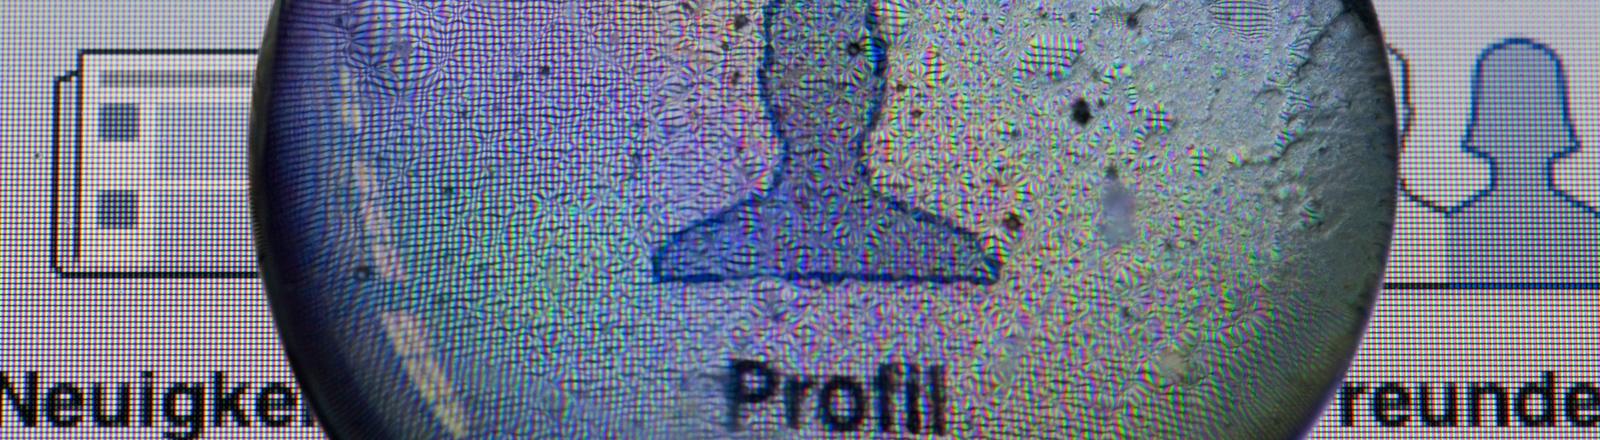 Facebook-Profil unter der Lupe